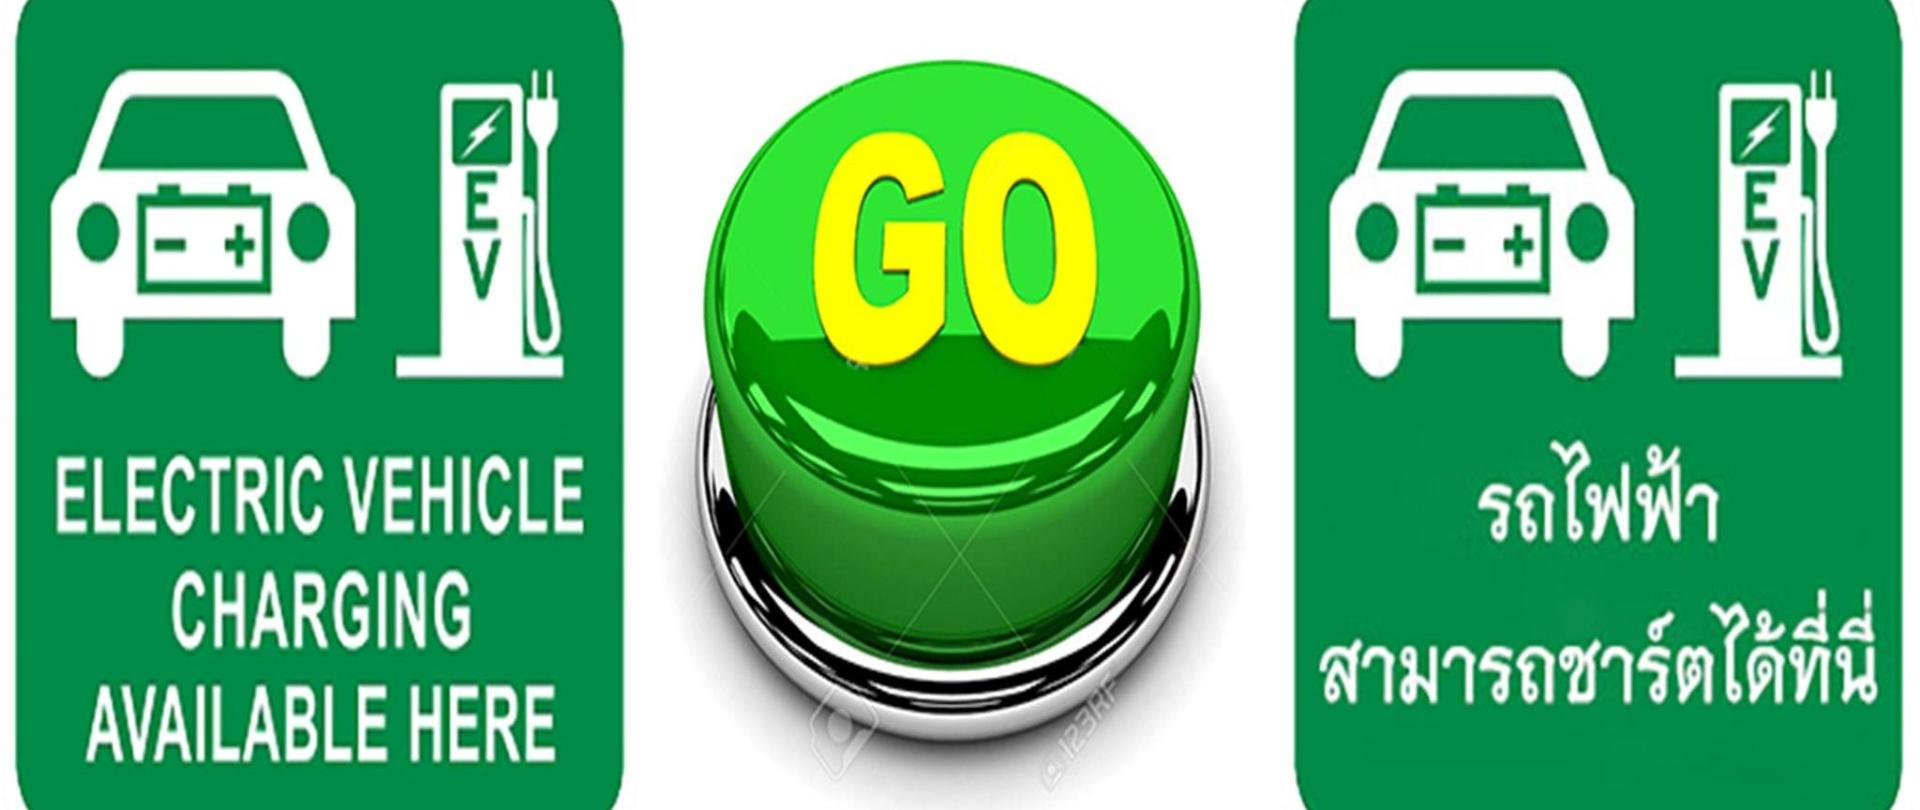 go_green_banner-02-2.jpg